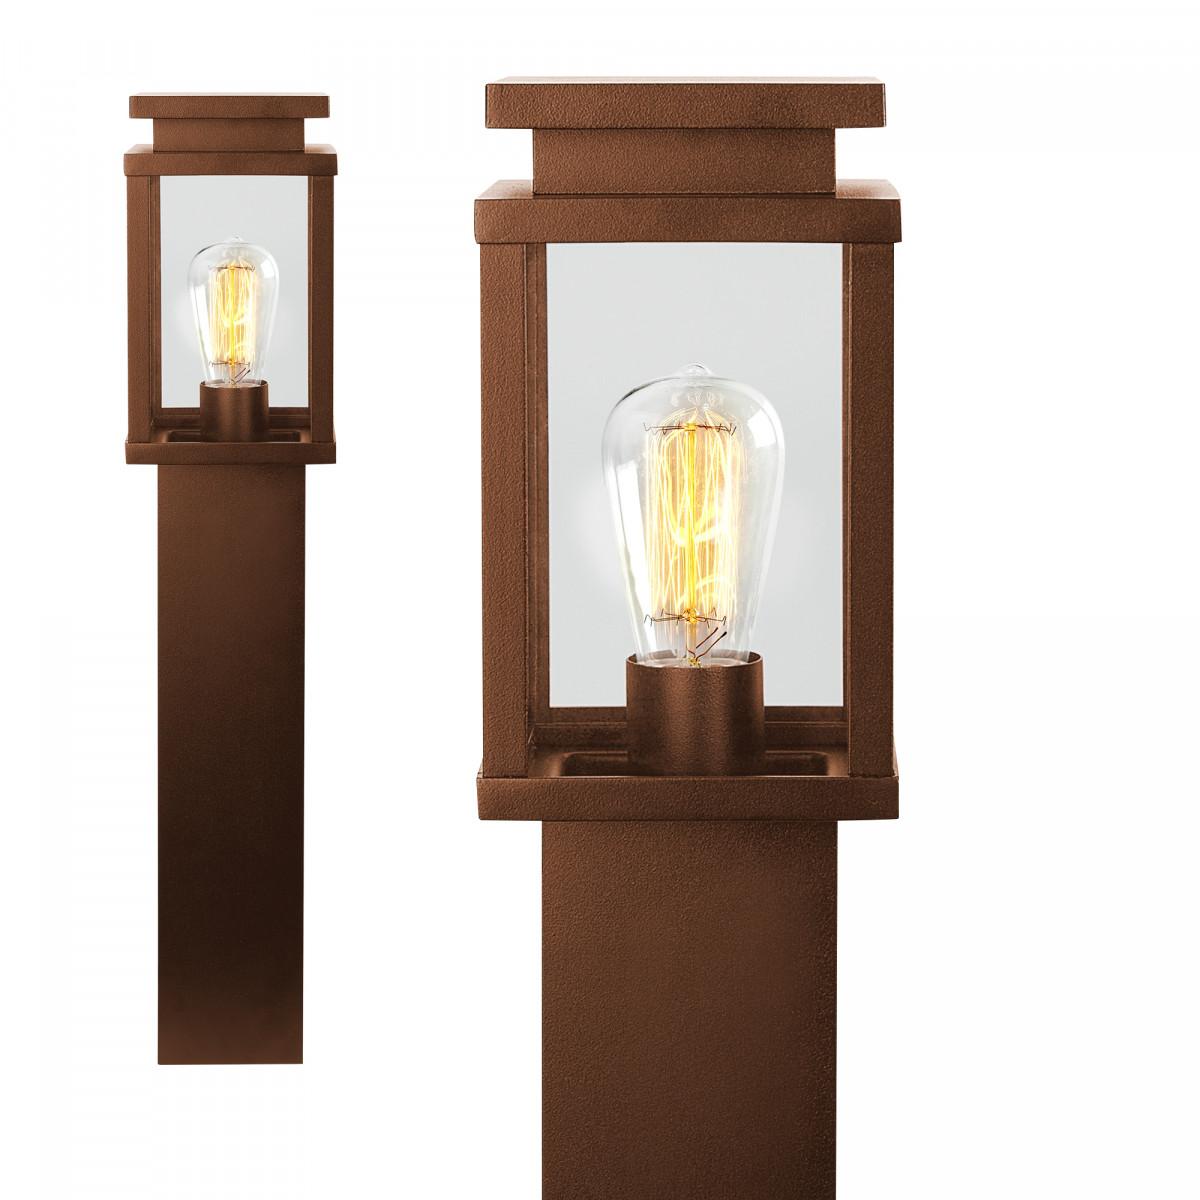 Buitenlamp staand corten, strak moderne buitenverlichting aluminium met roestbruine coating heldere glazen